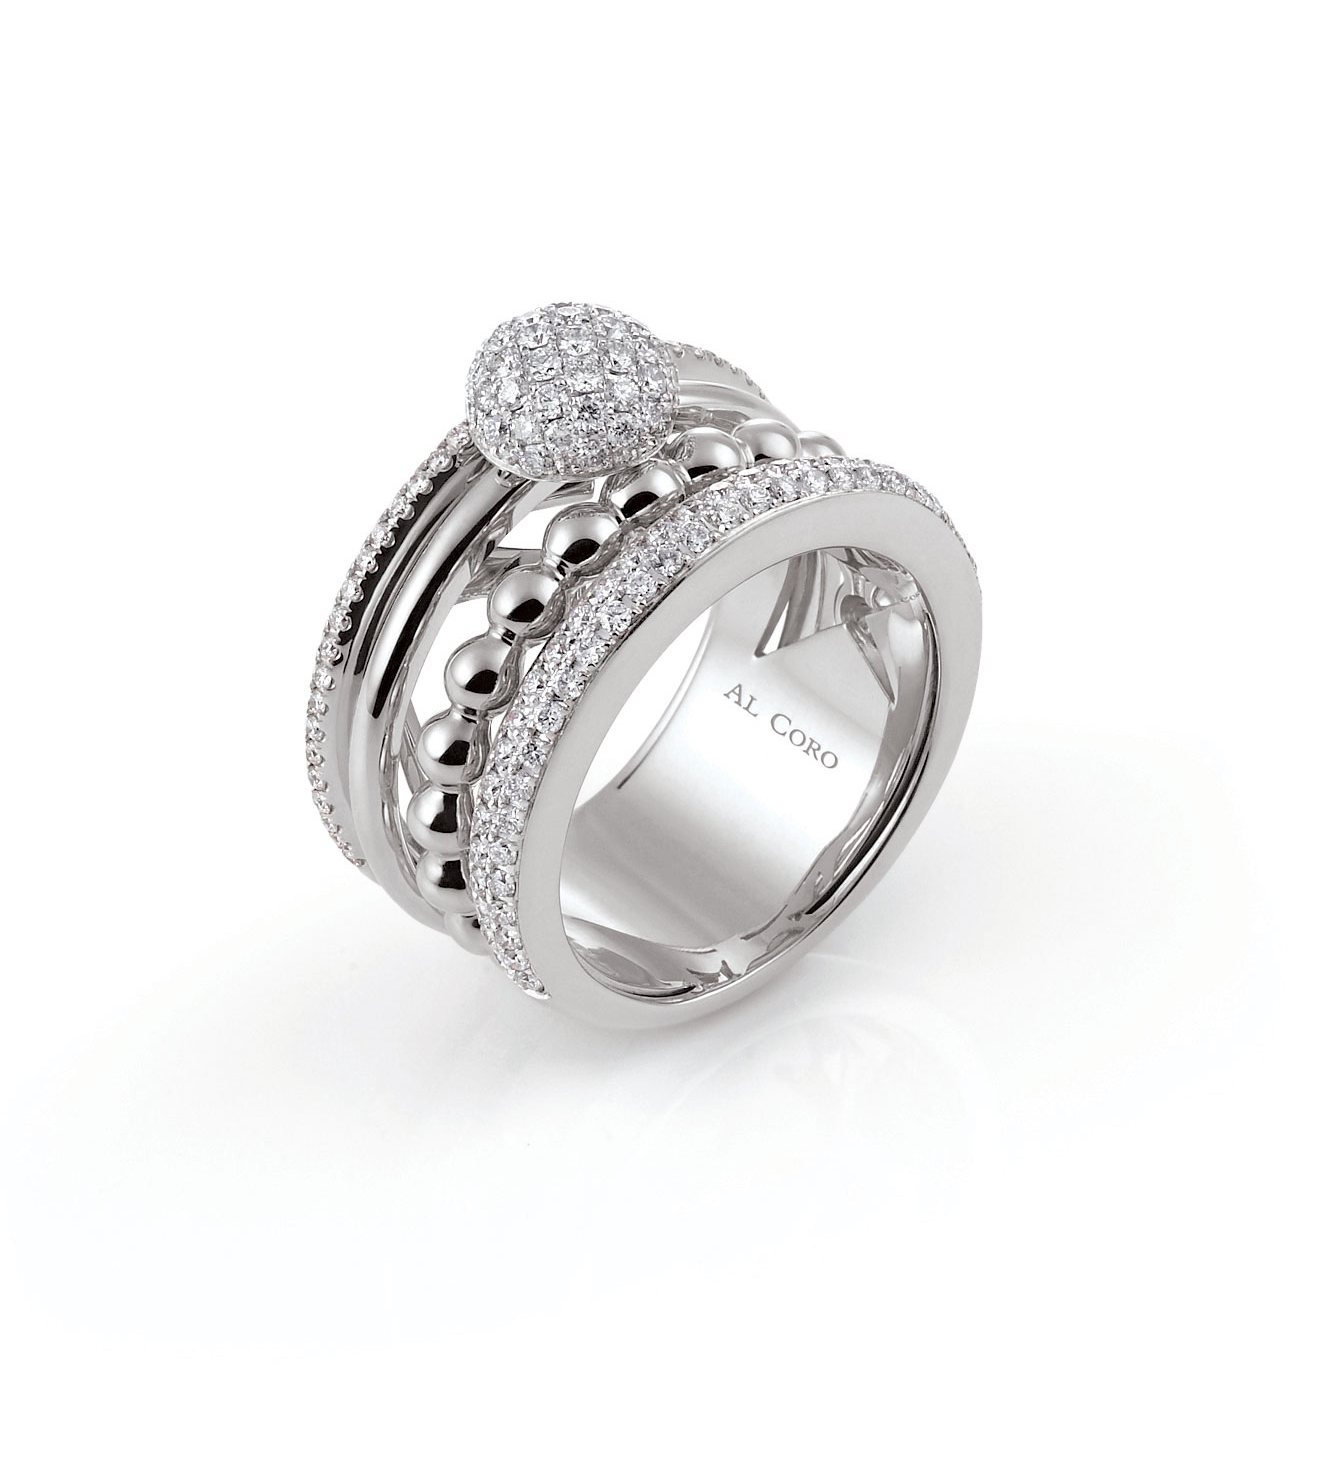 AlCoro-Palladio-R7270W-brilliant-ring